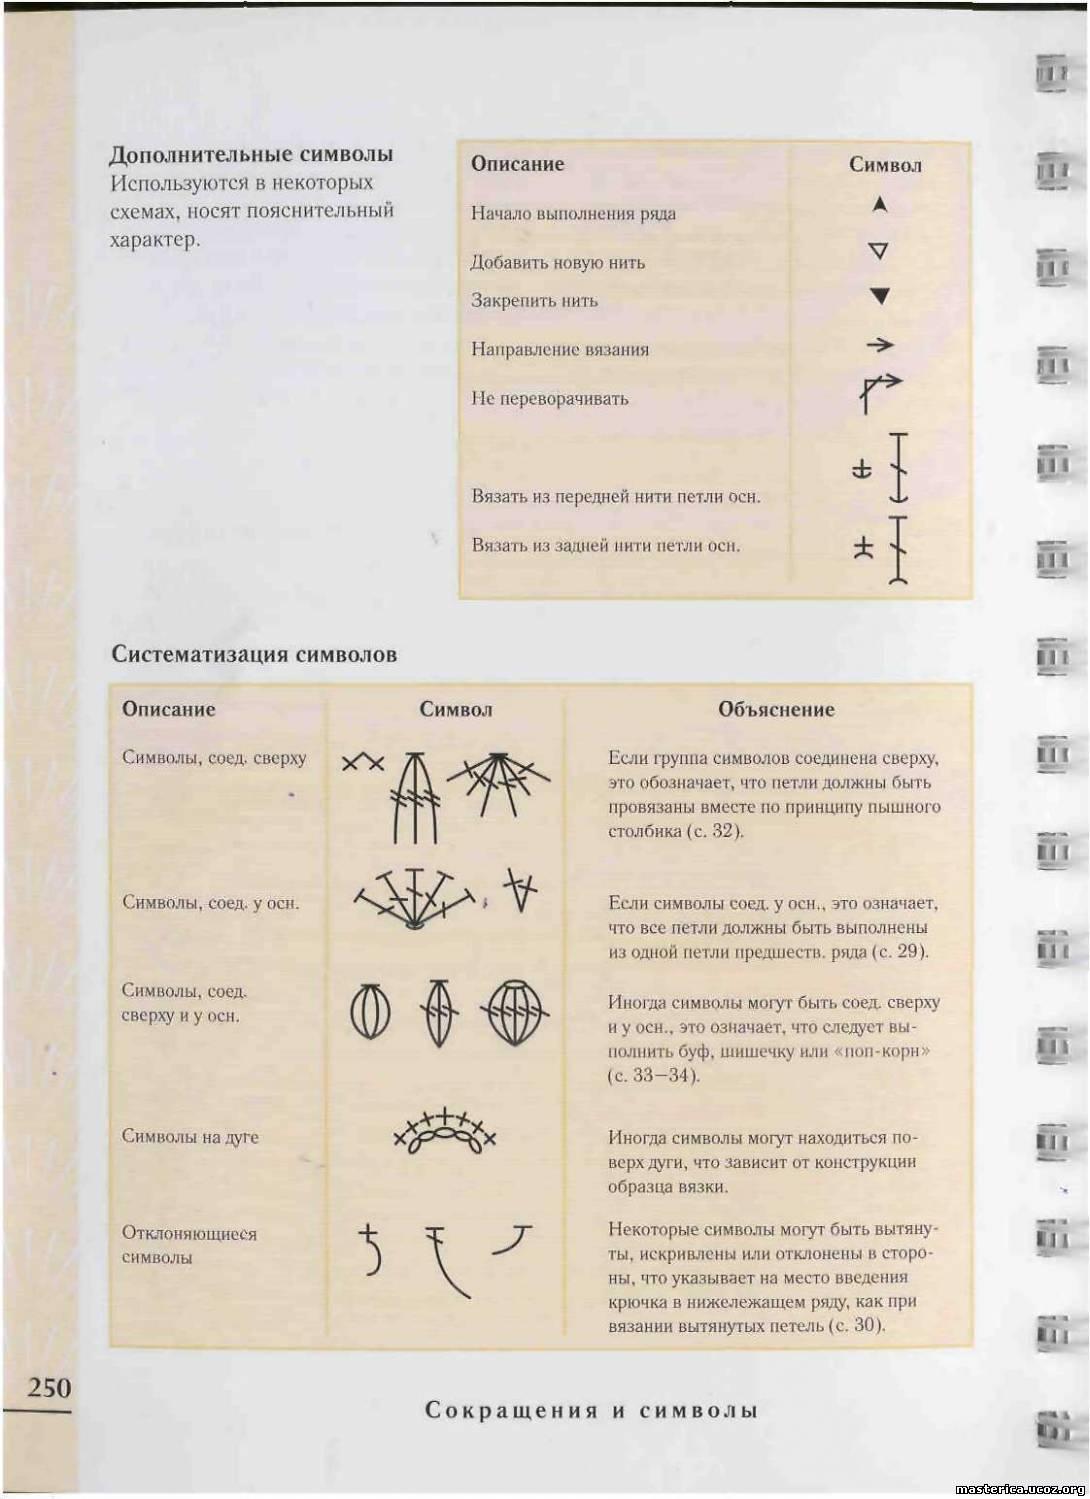 Англо-Русский Словарик - Словари вязальных терминов 31